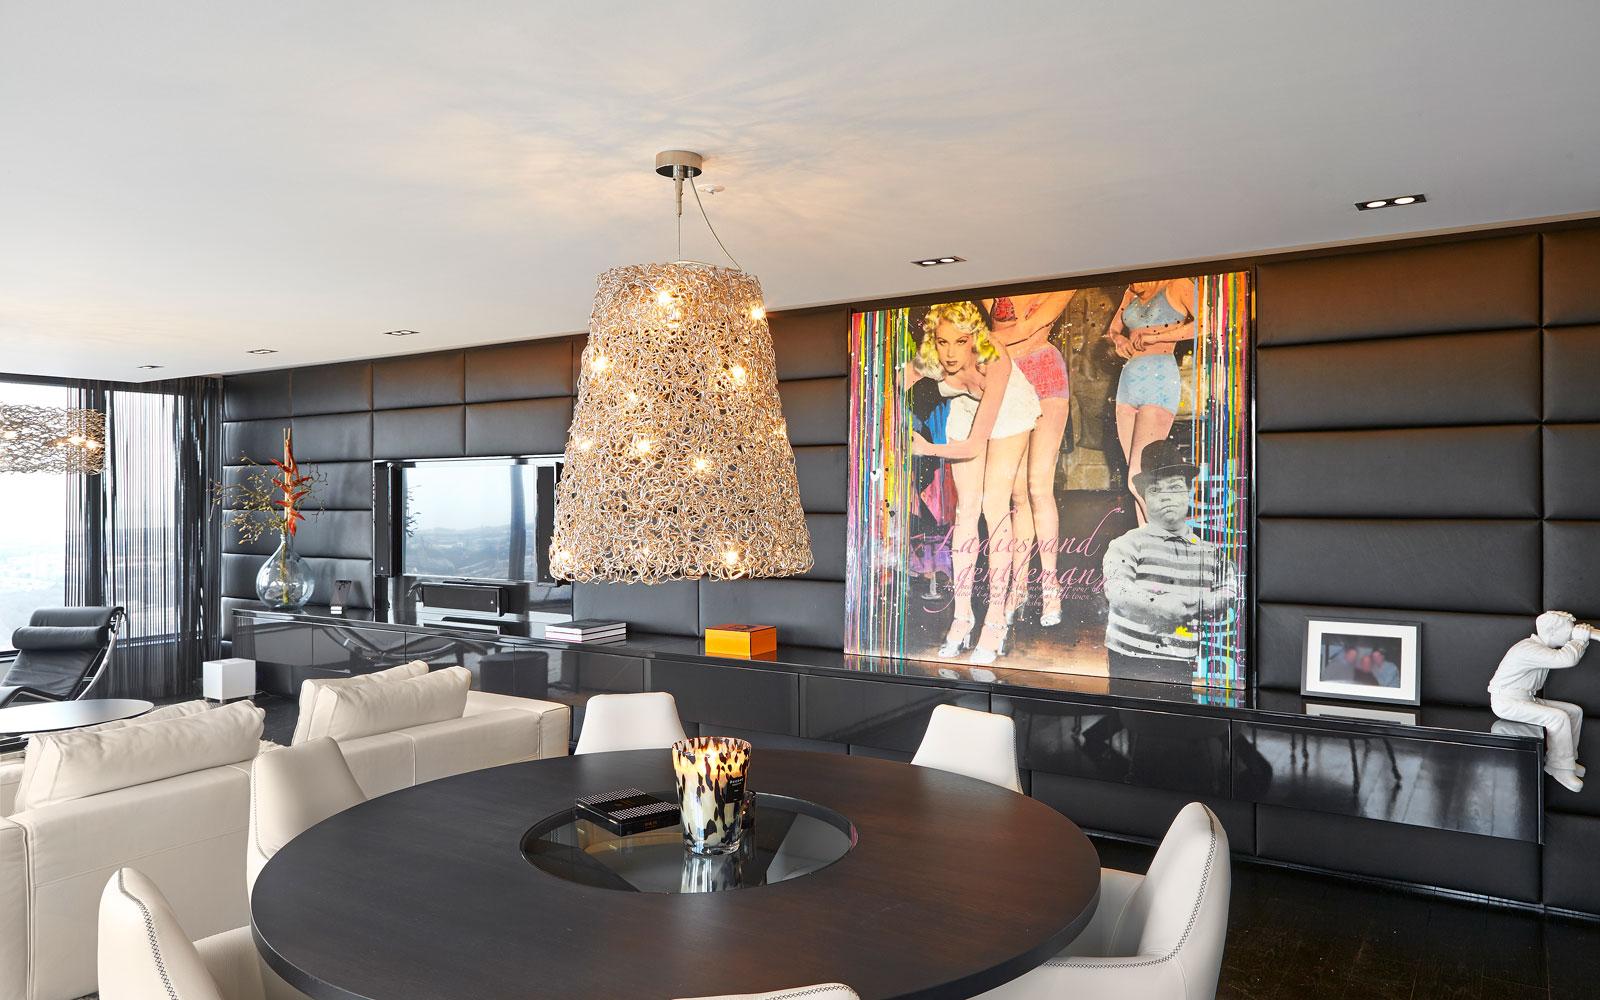 The Art of Living, Exclusief wonen, Glass Inside. Penthouse Roelfien Vos, RMR Interieur, Luijben Totaal, verlichting, interieur, woonkamer, meubelen, televisie, leren wand, schilderij